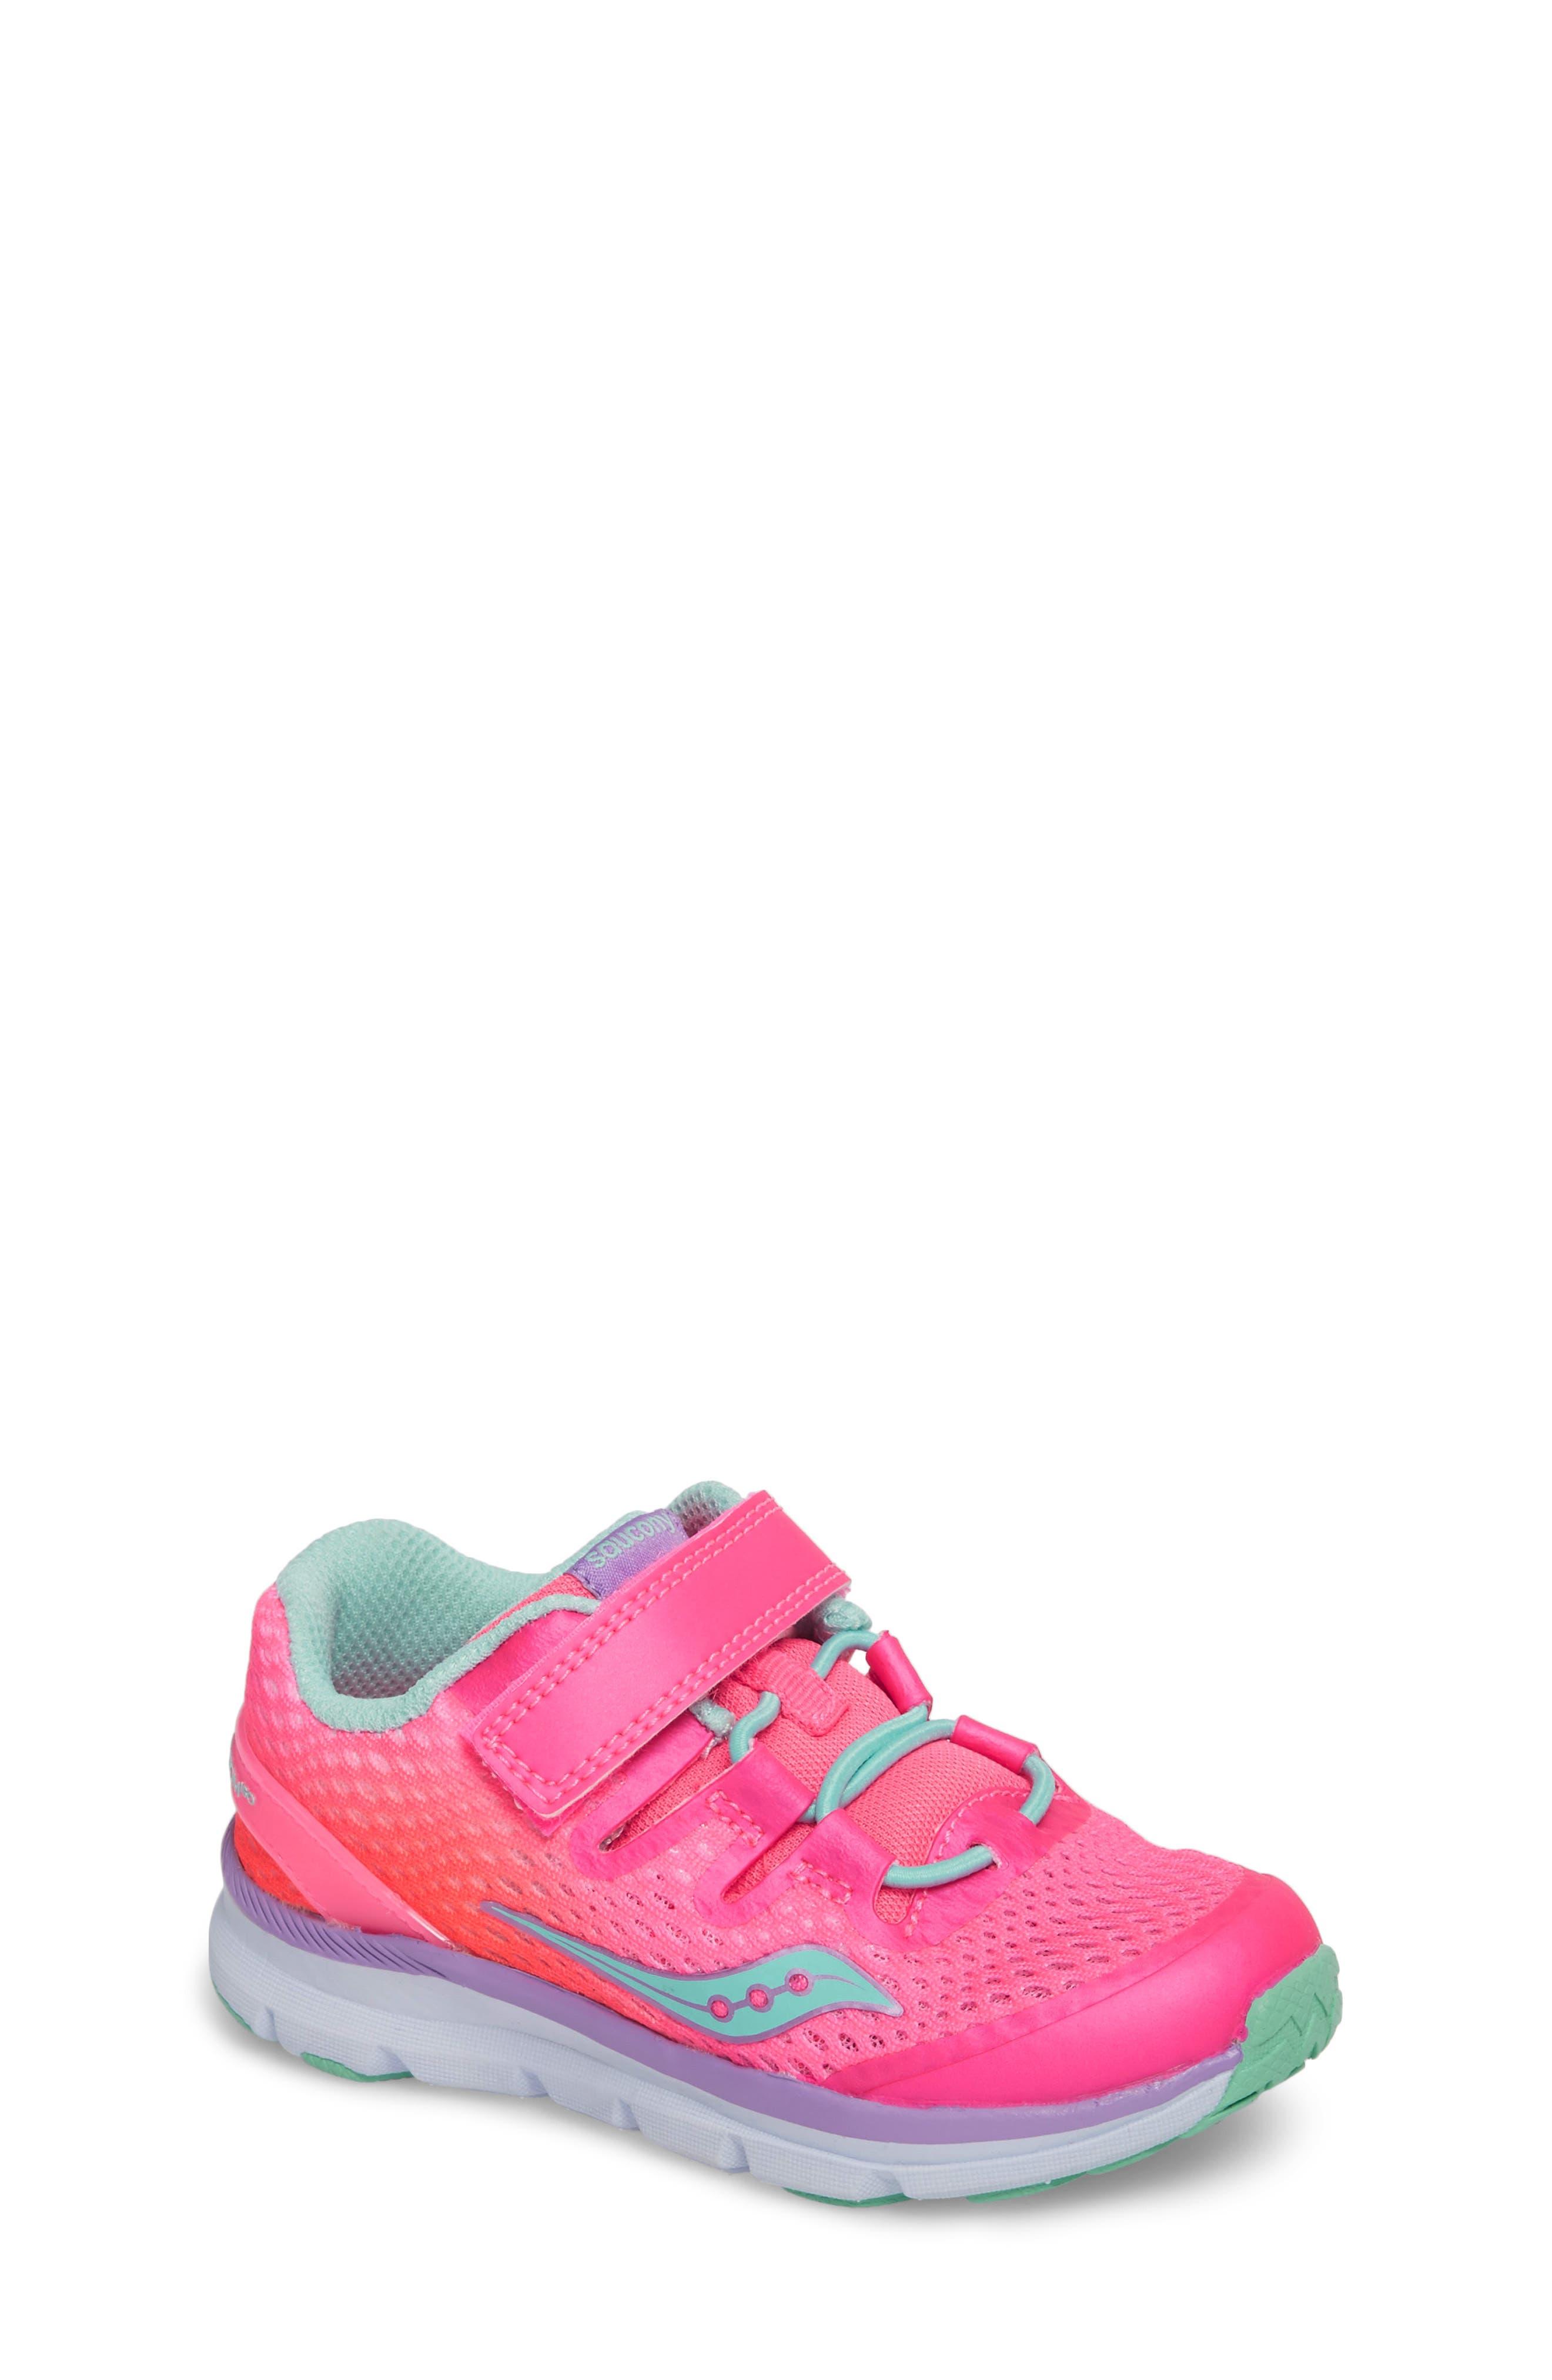 Saucony Baby Freedom ISO Sneaker (Baby, Walker & Toddler)